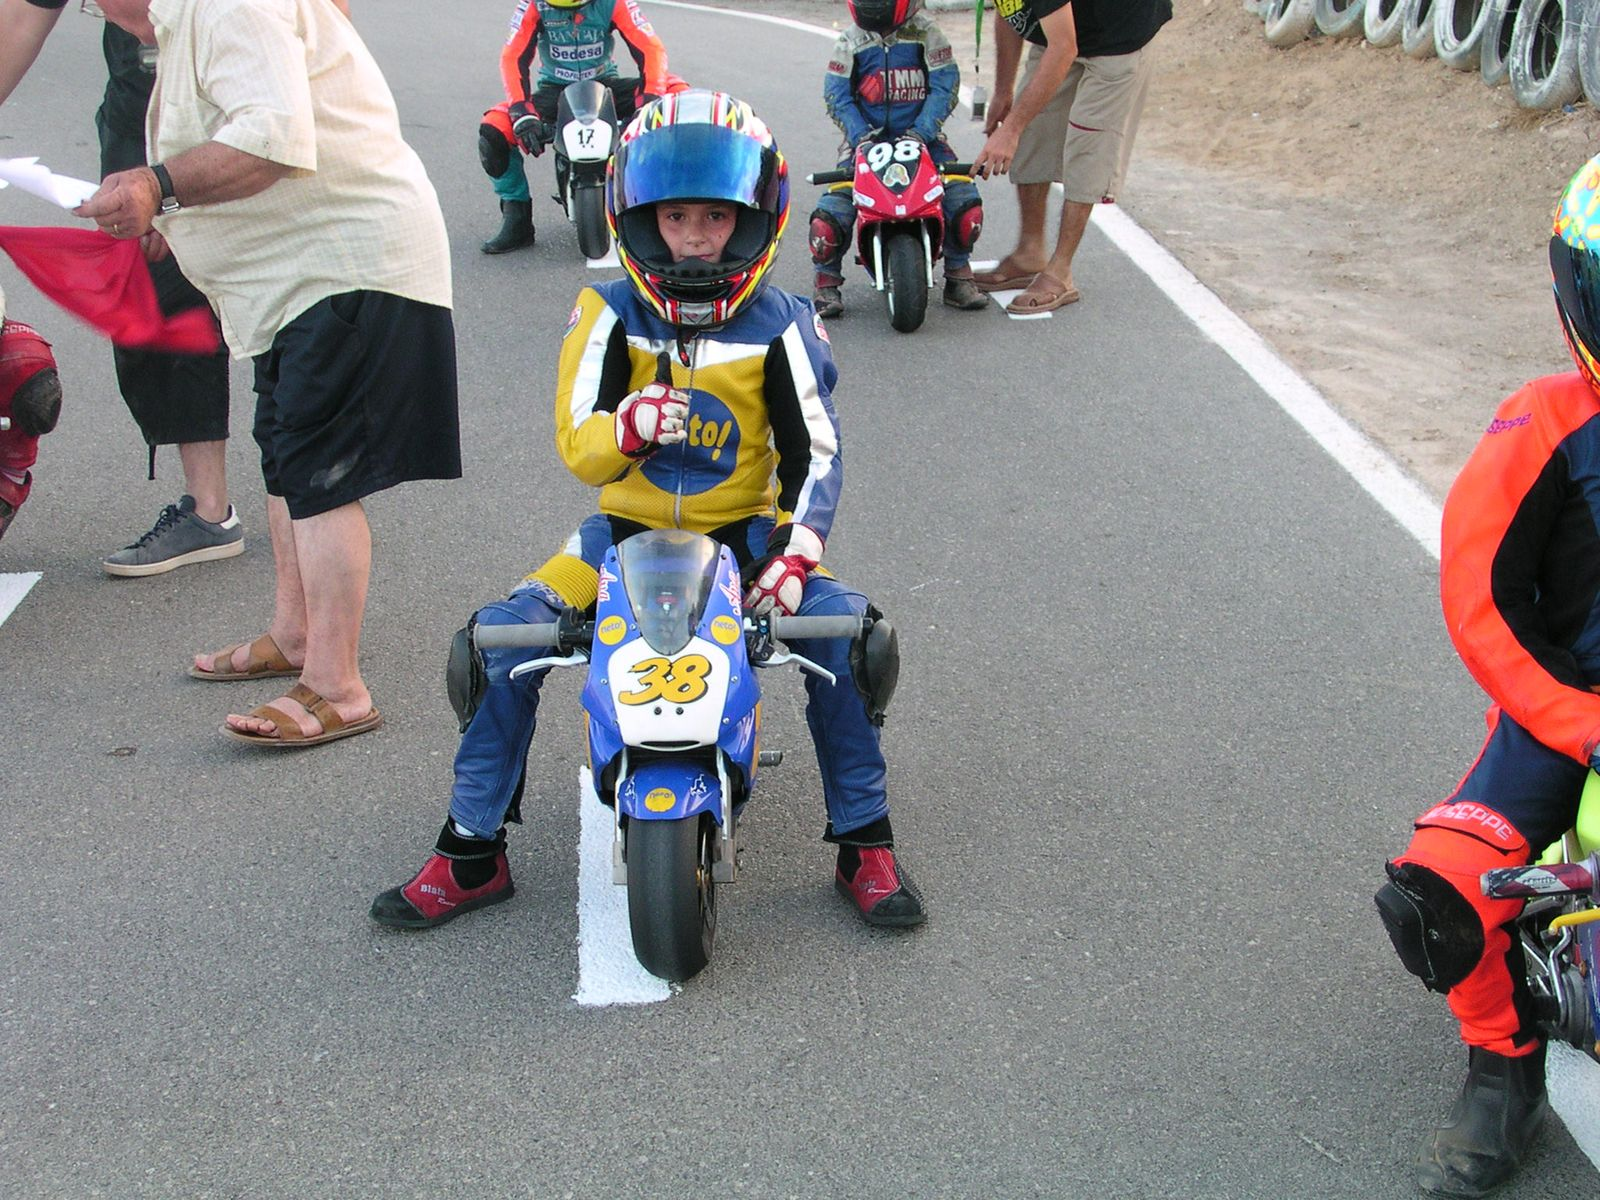 Motorradrennfahrerin Ana Carrasco / Supersport-300-Weltmeisterschaft